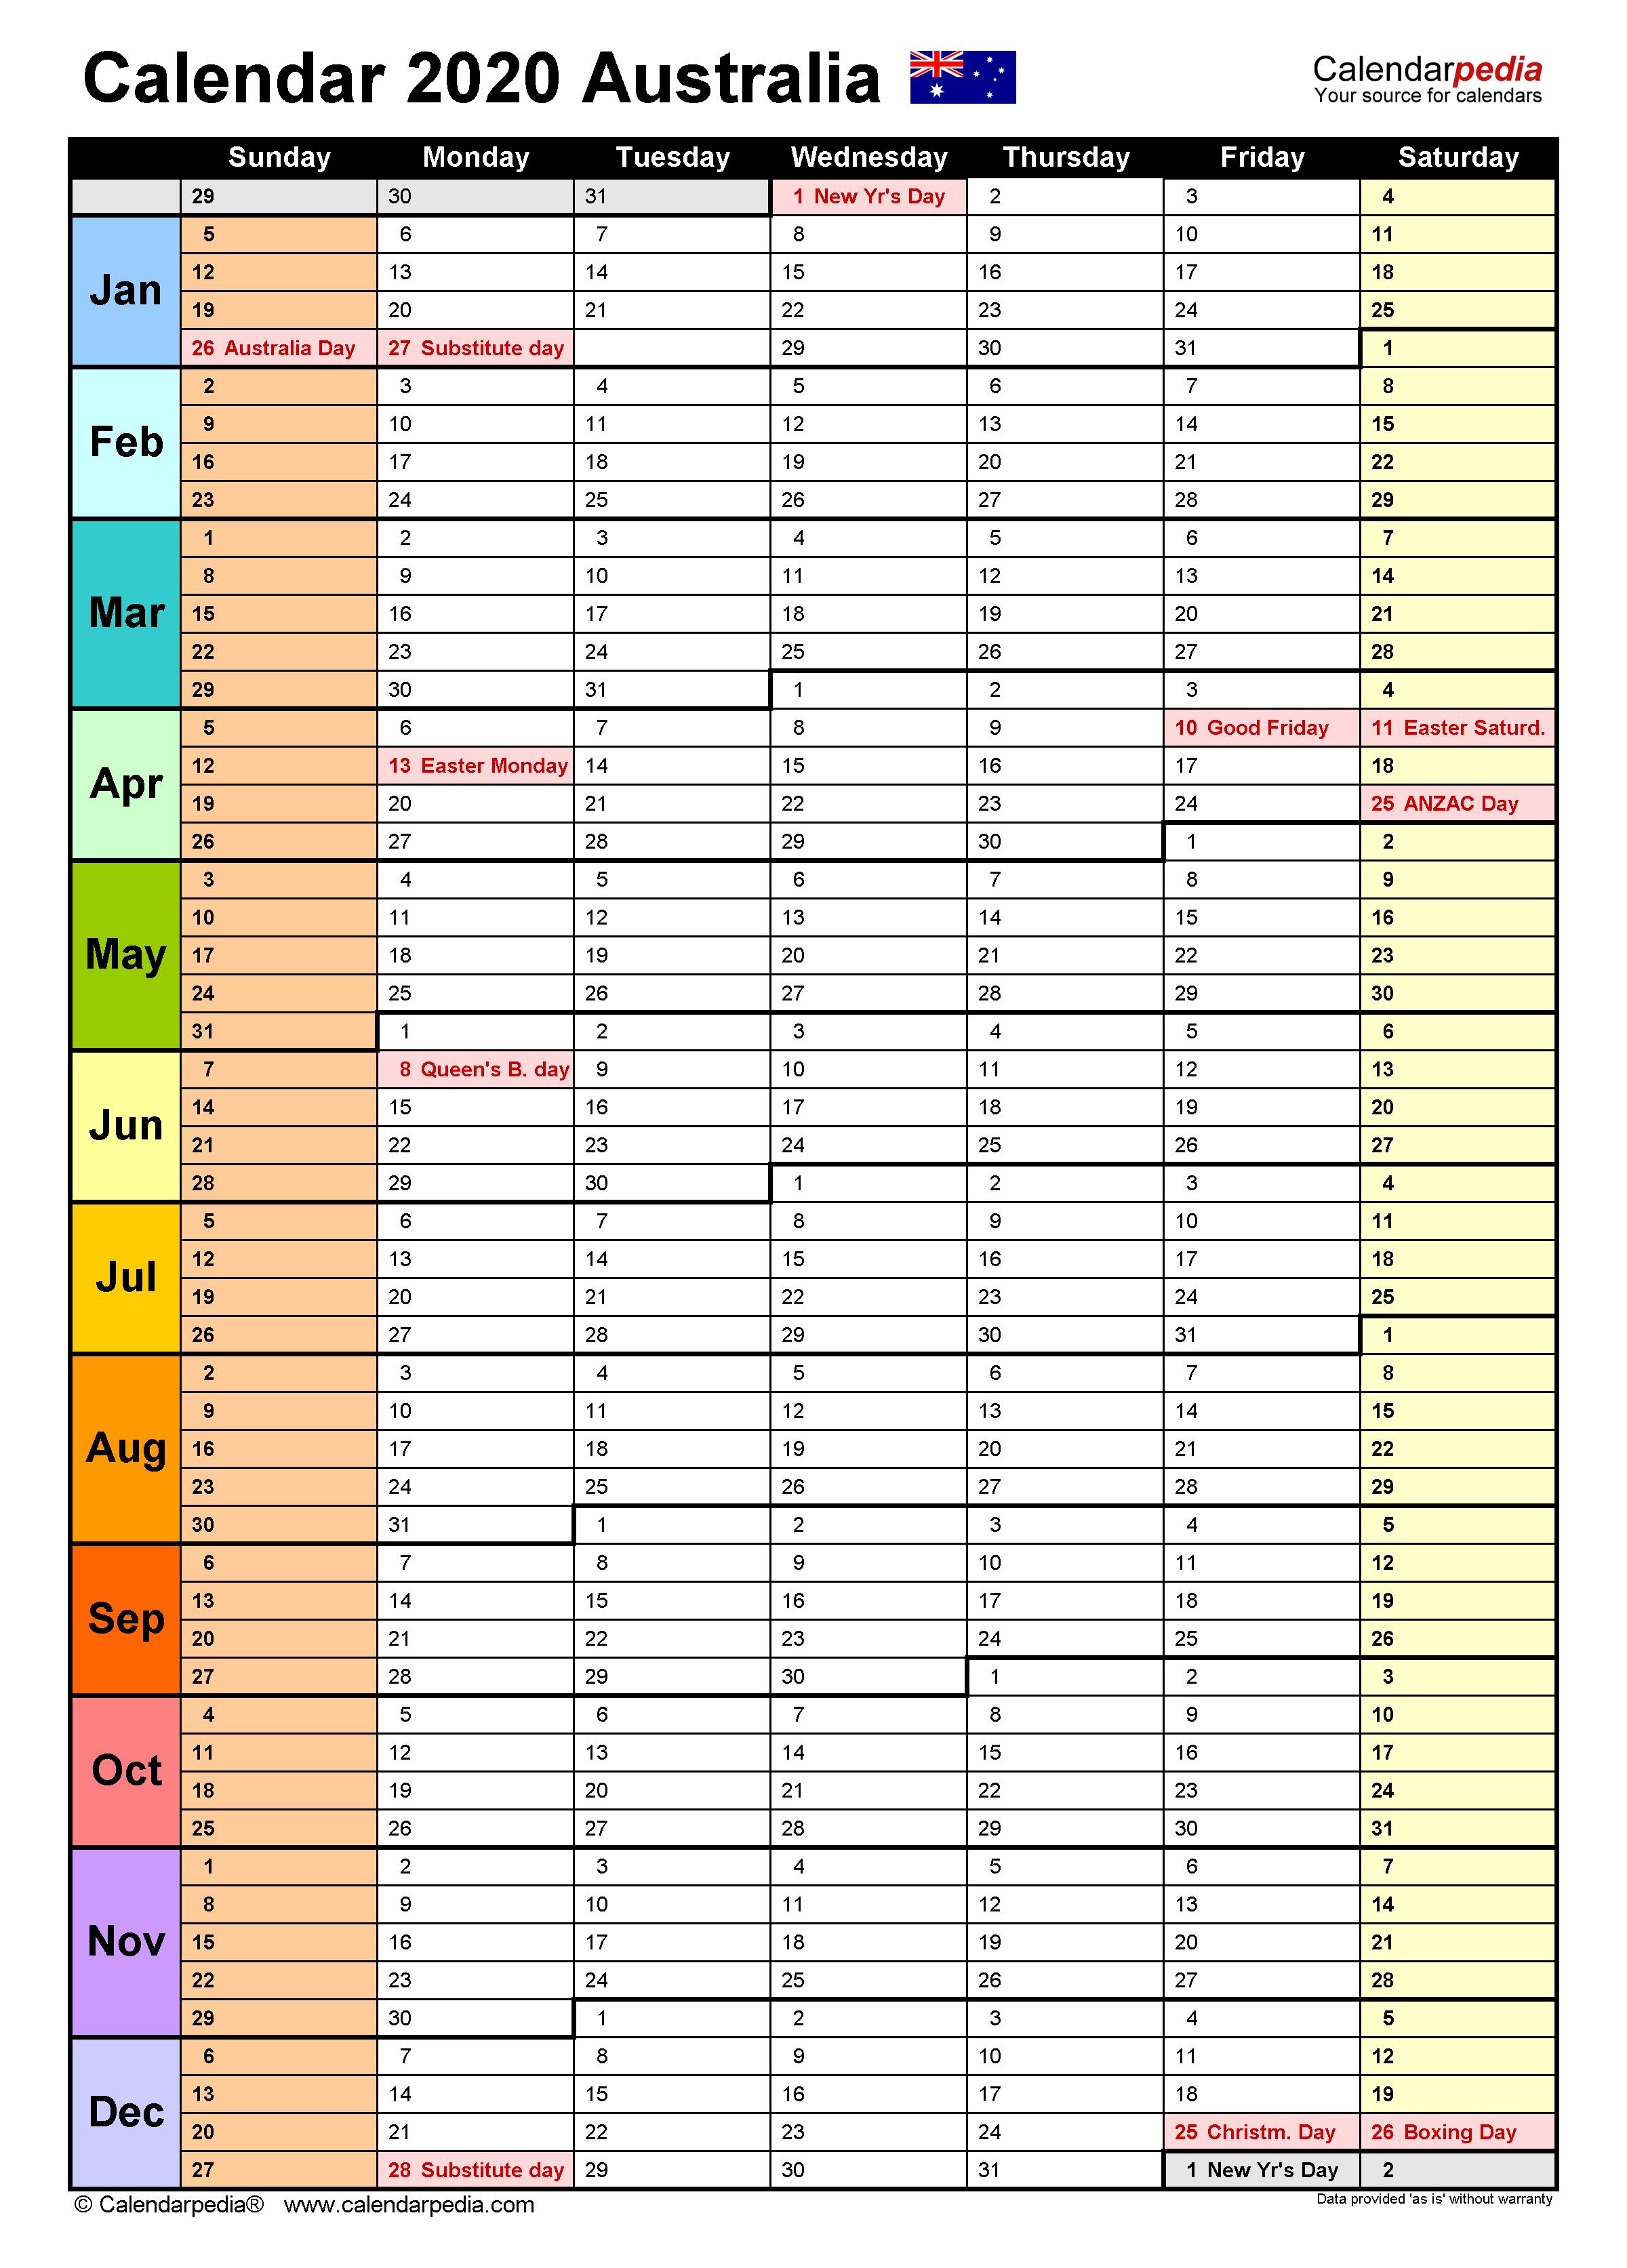 Rolling Calendar Template from www.calendarpedia.com